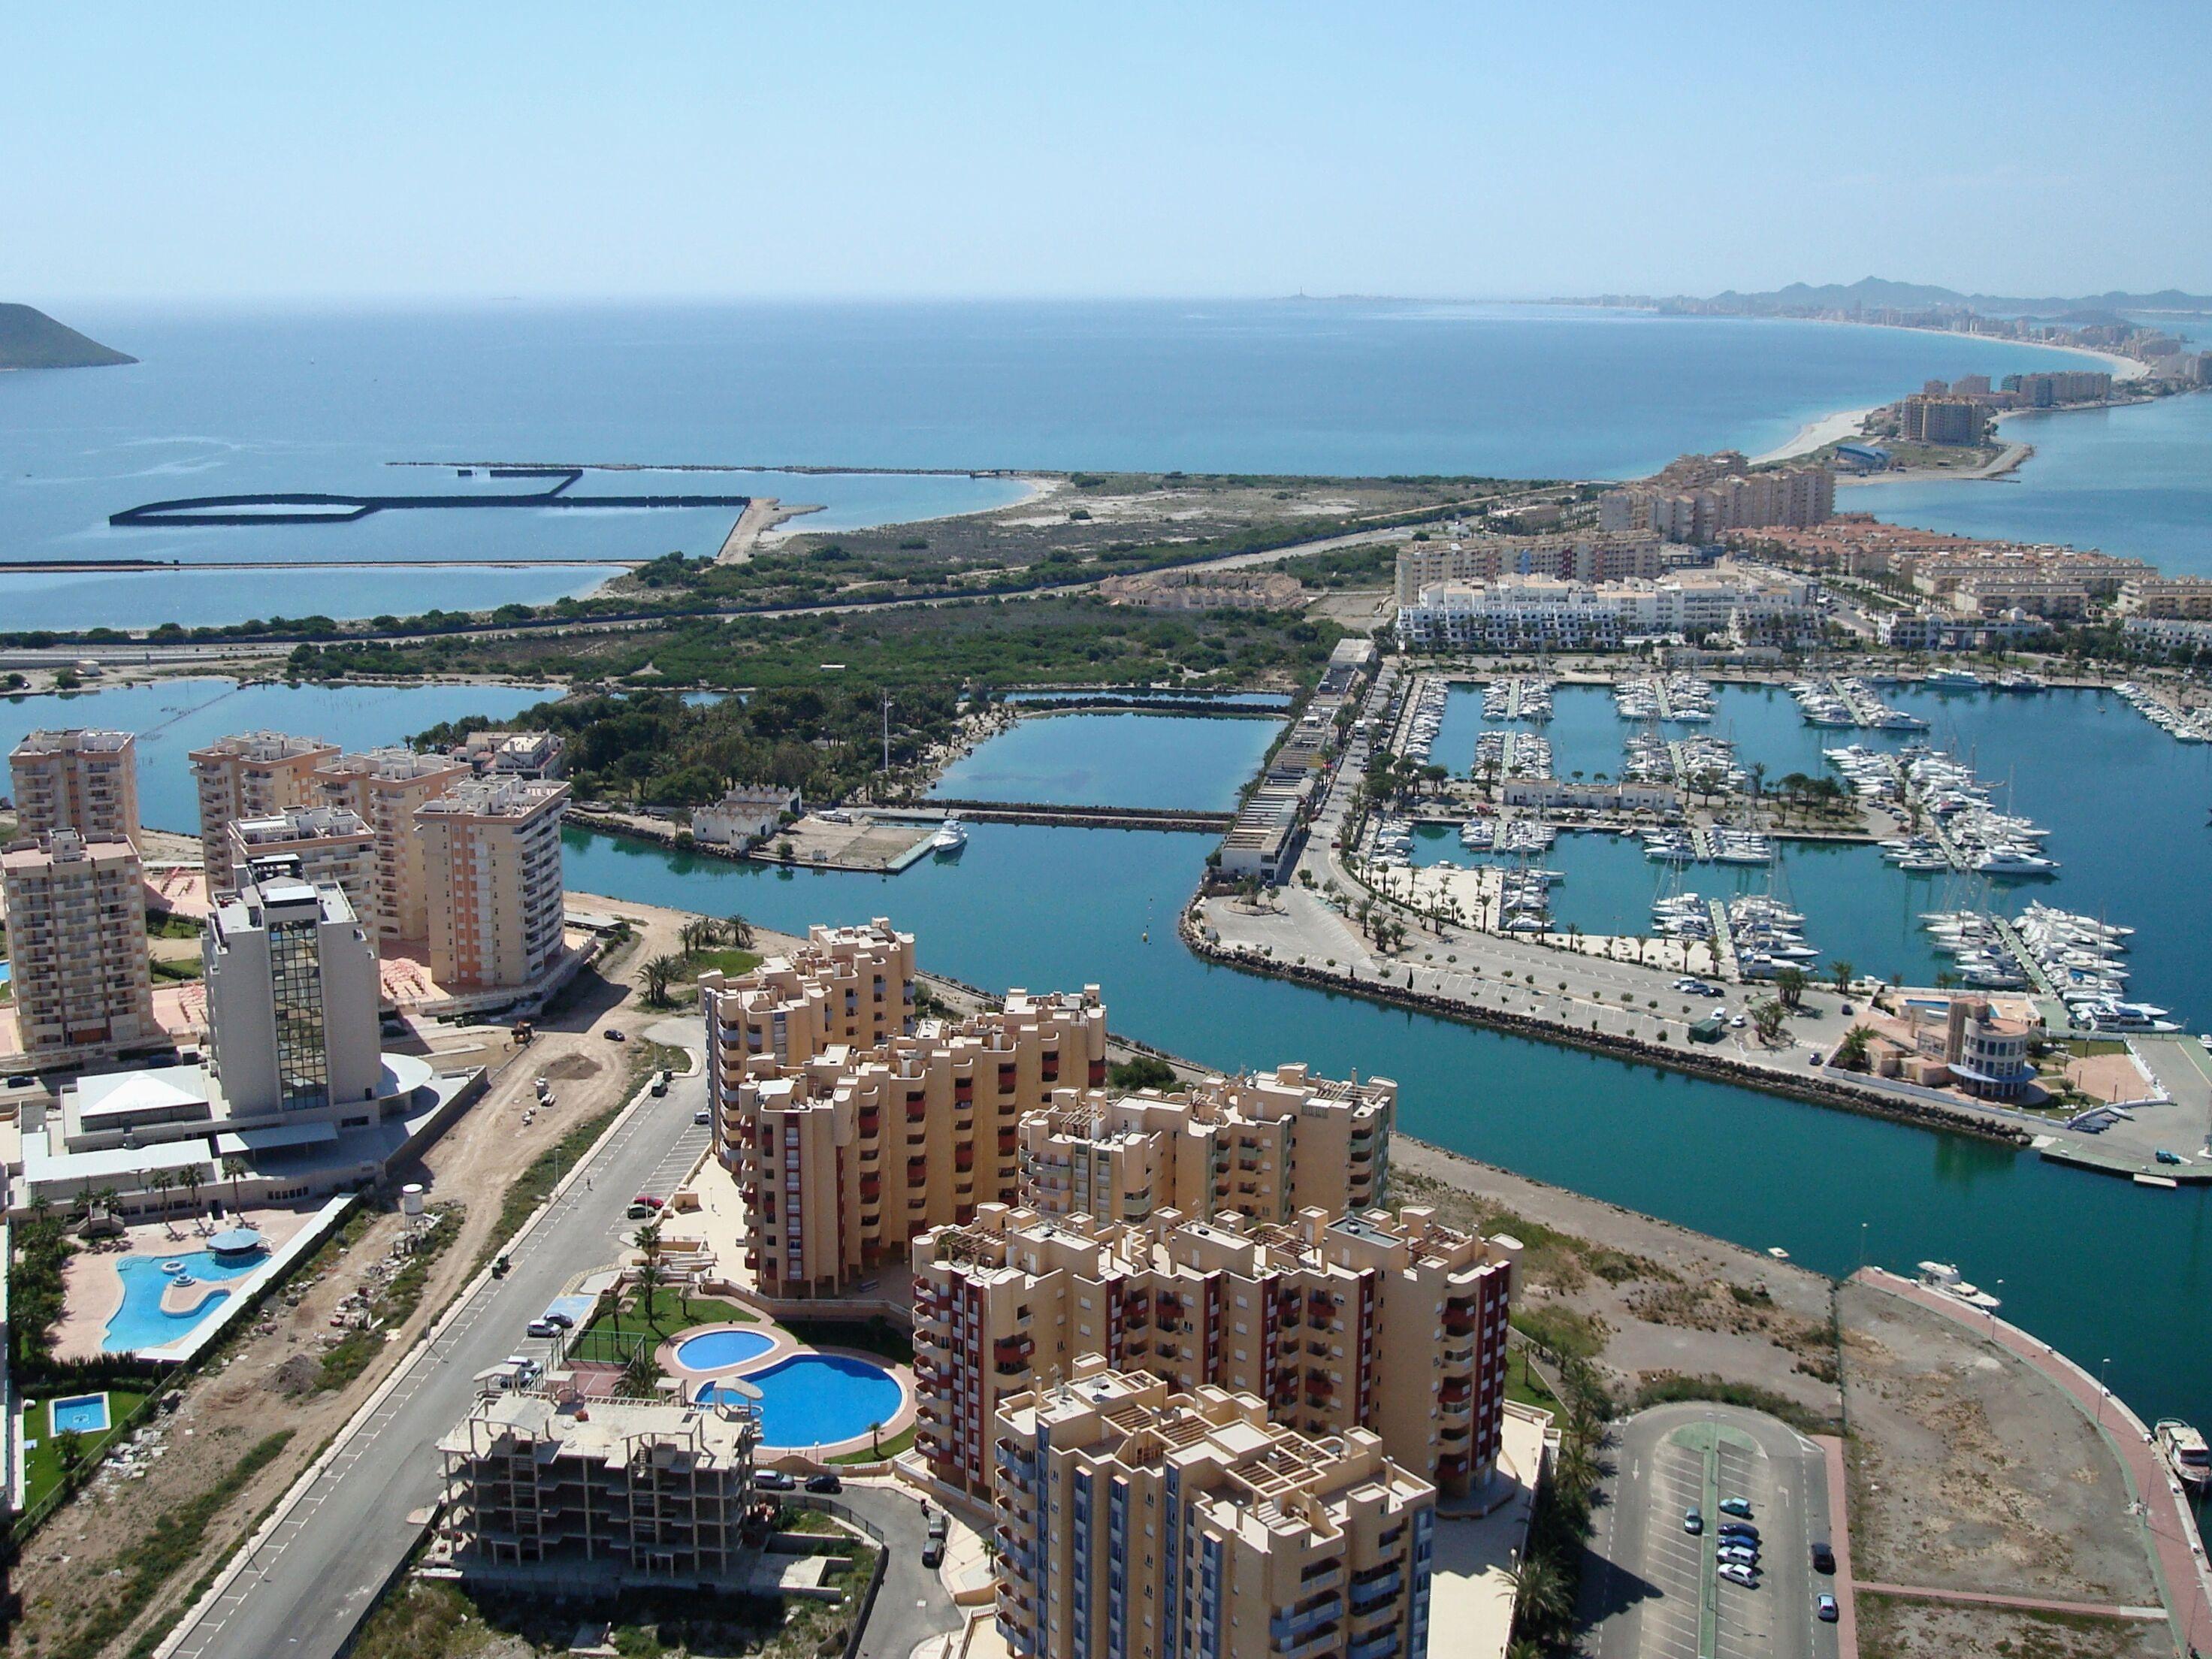 SPANIEN COSTA CALIDA – Halbinsel La Manga, fertige Erstbezugs-Wohnungen mit 2-fach-Meerblick zum Mittelmeer und Mar Menor